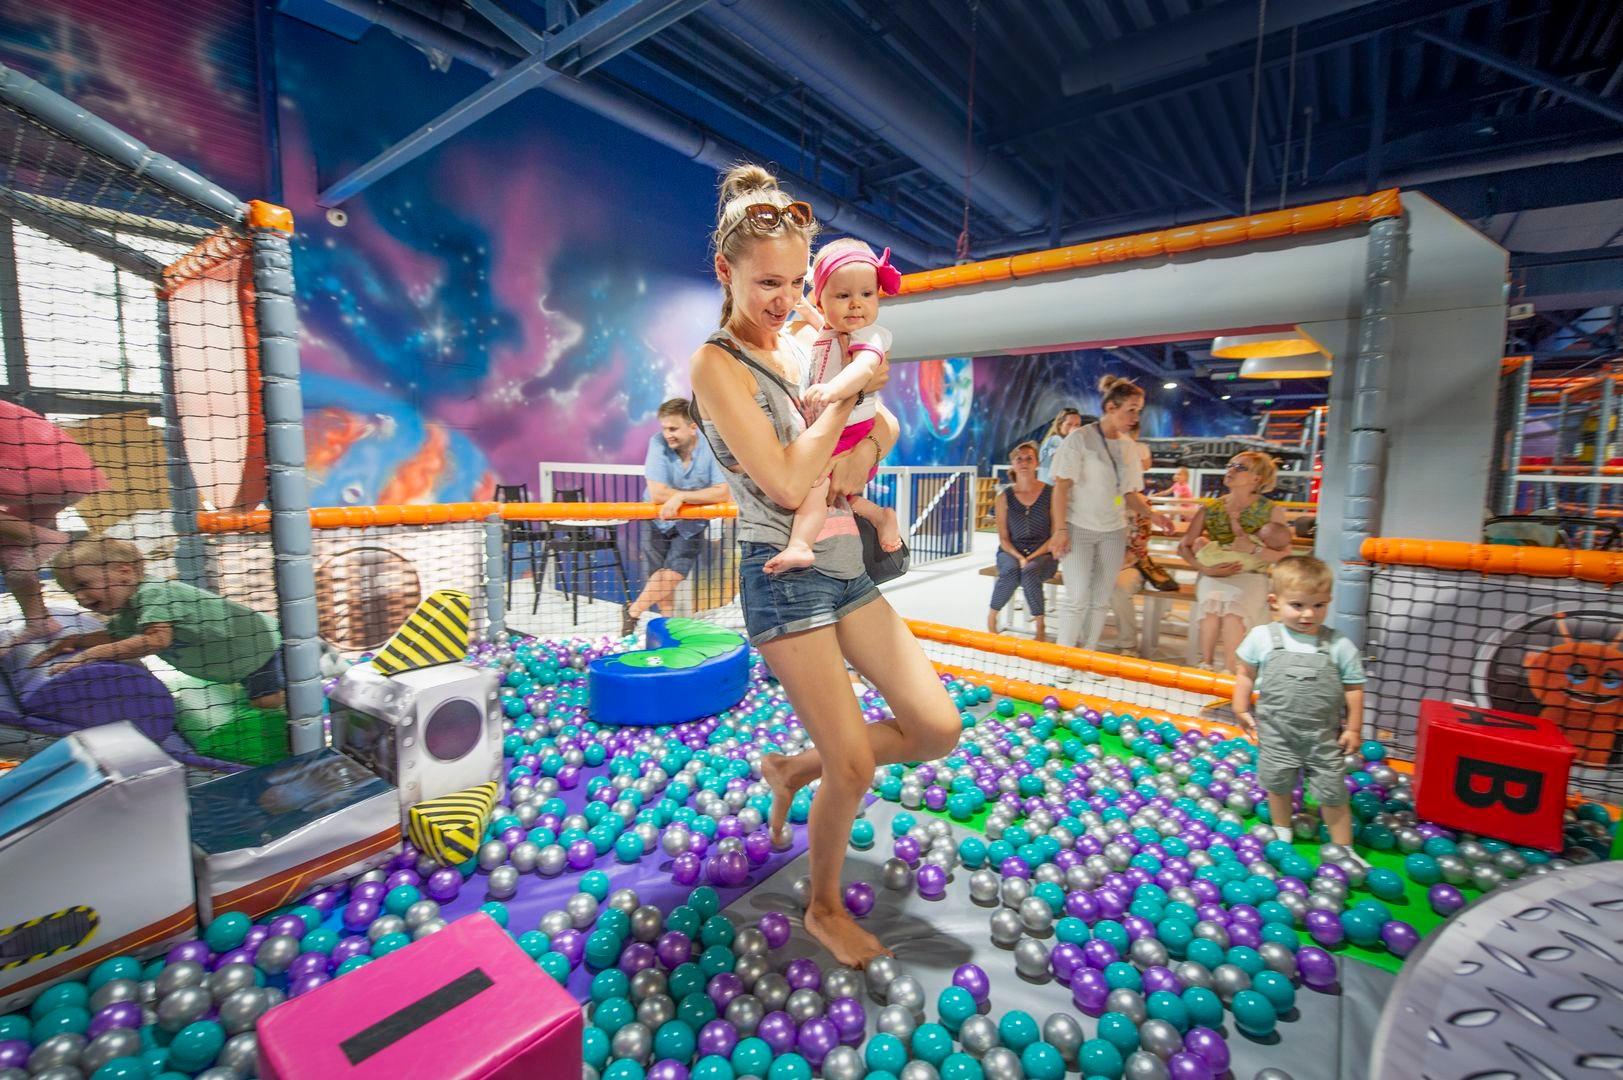 AIRO Kosmiczna Sala Zabaw